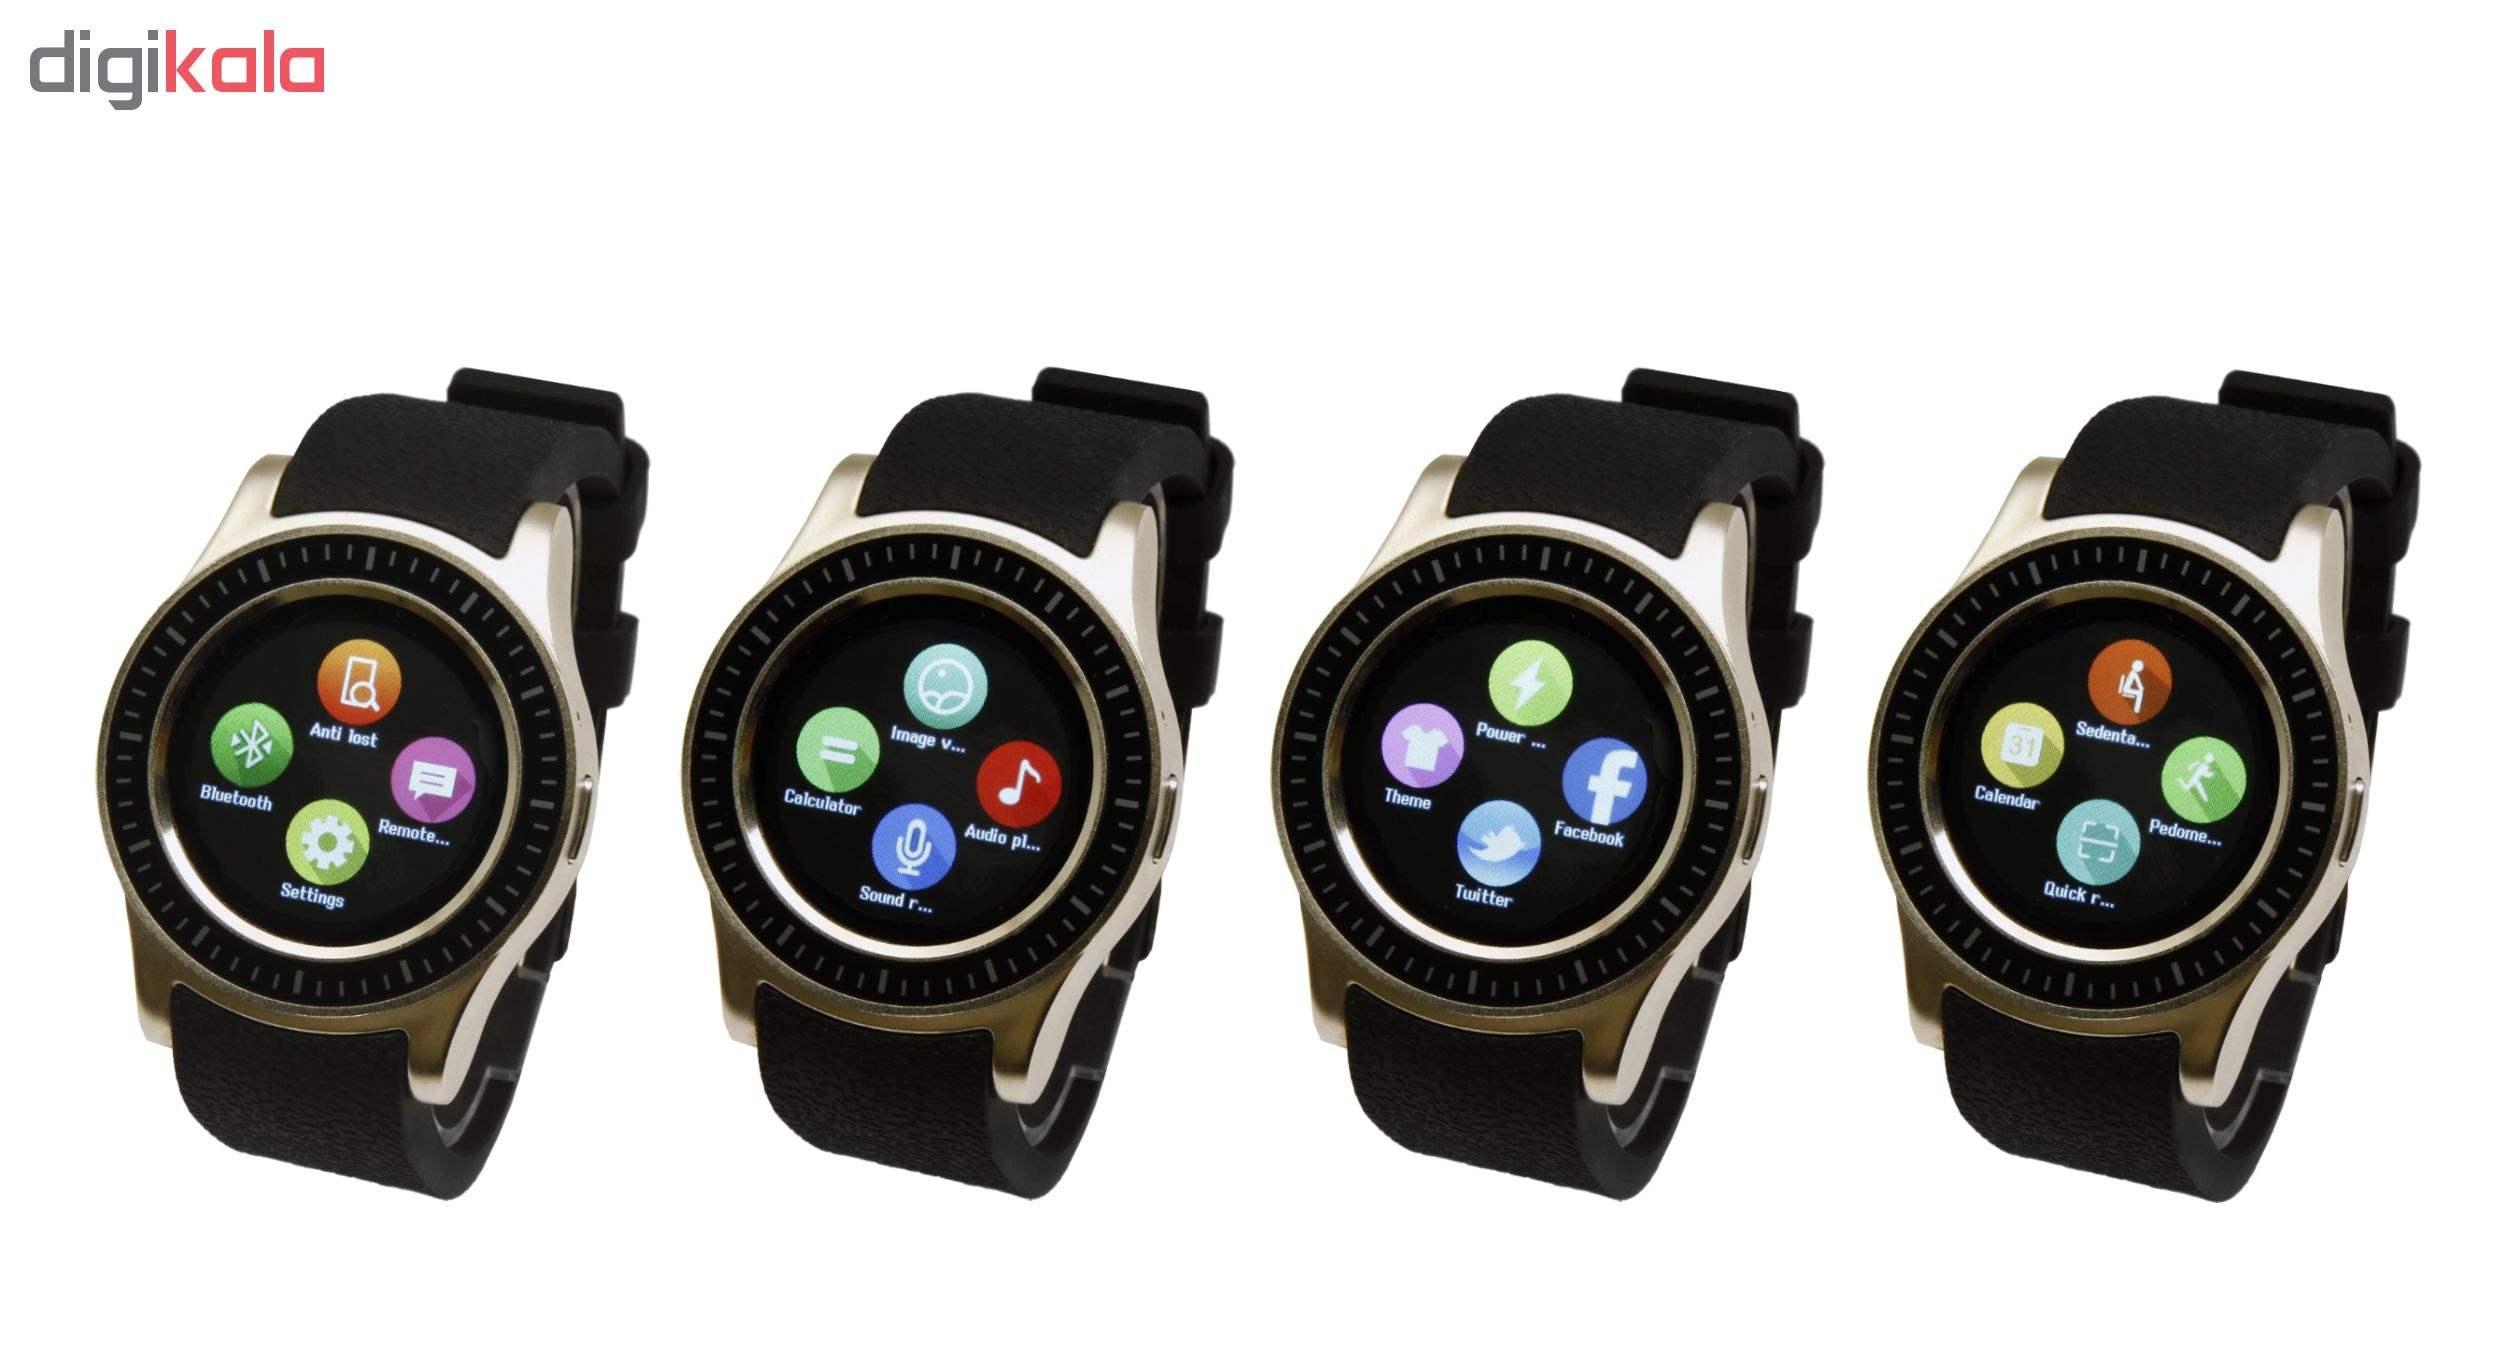 ساعت هوشمند جی تب مدل S1 thumb 10